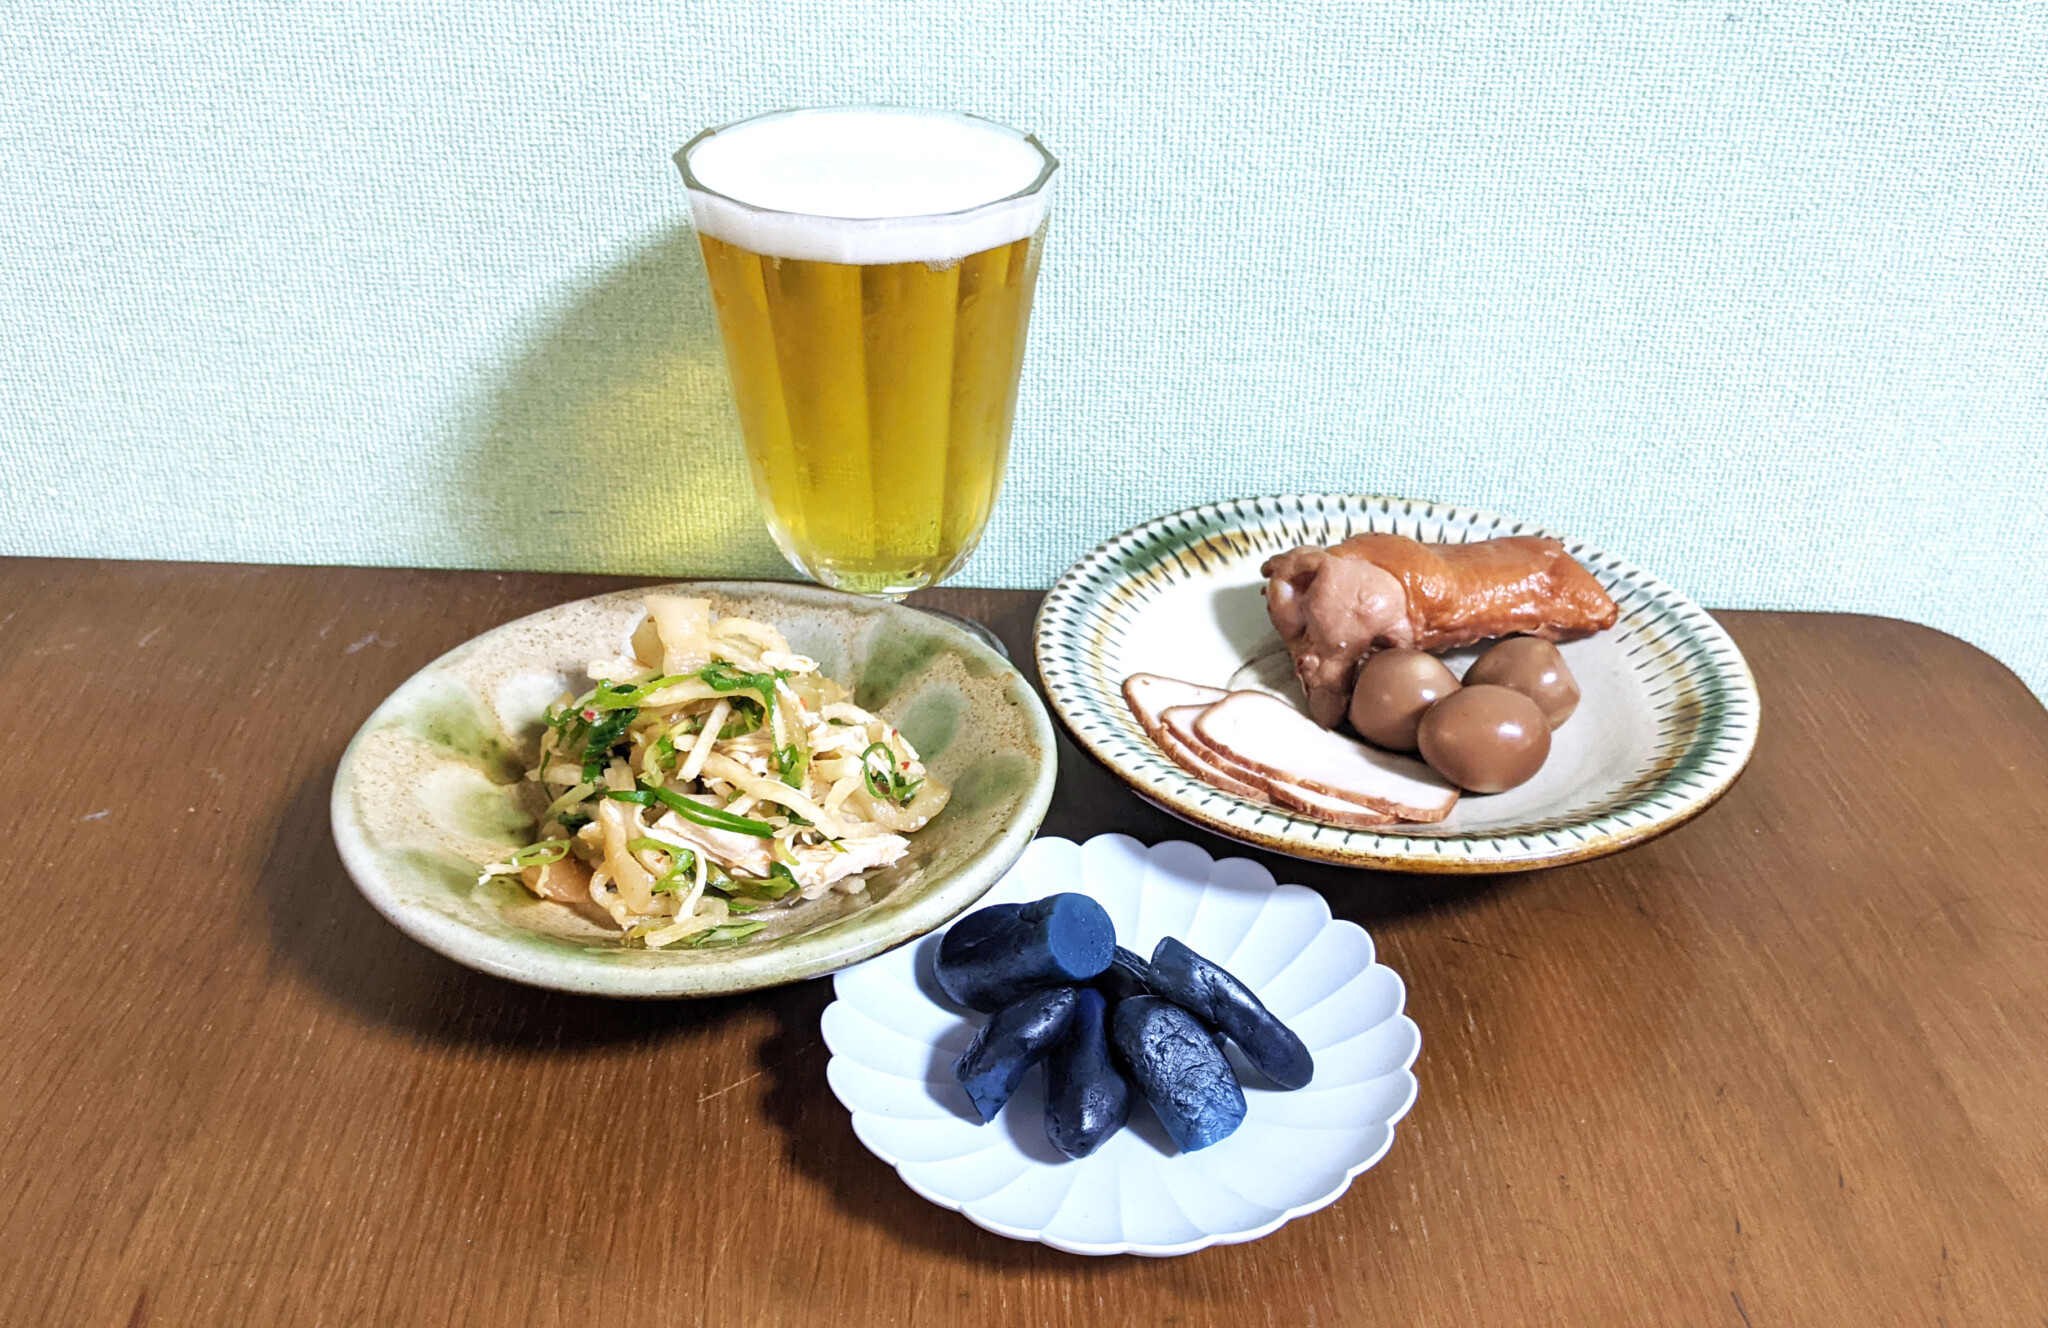 コンビニおつまみ セブンイレブン ローソン ファミリーマート シャキシャキ野菜の蒸し鶏ザーサイ 燻製チキンおつまみセット ひとくち小茄子